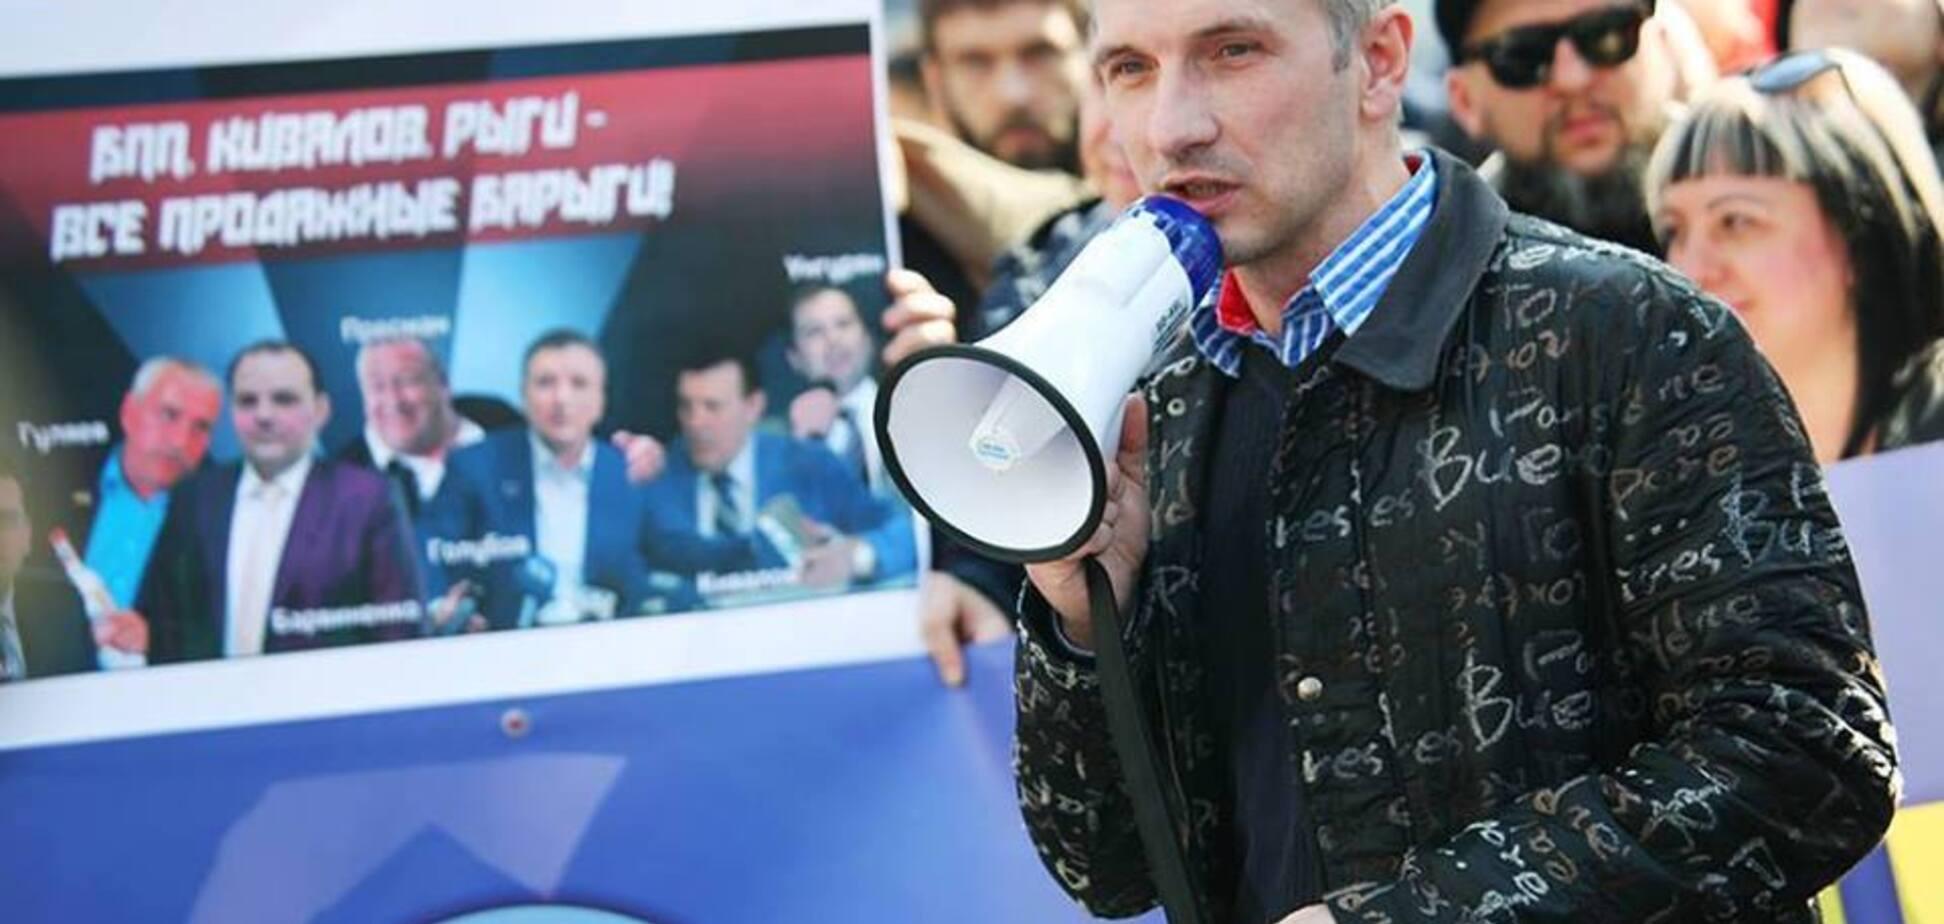 Покушение на активиста в Одессе: появились новые детали